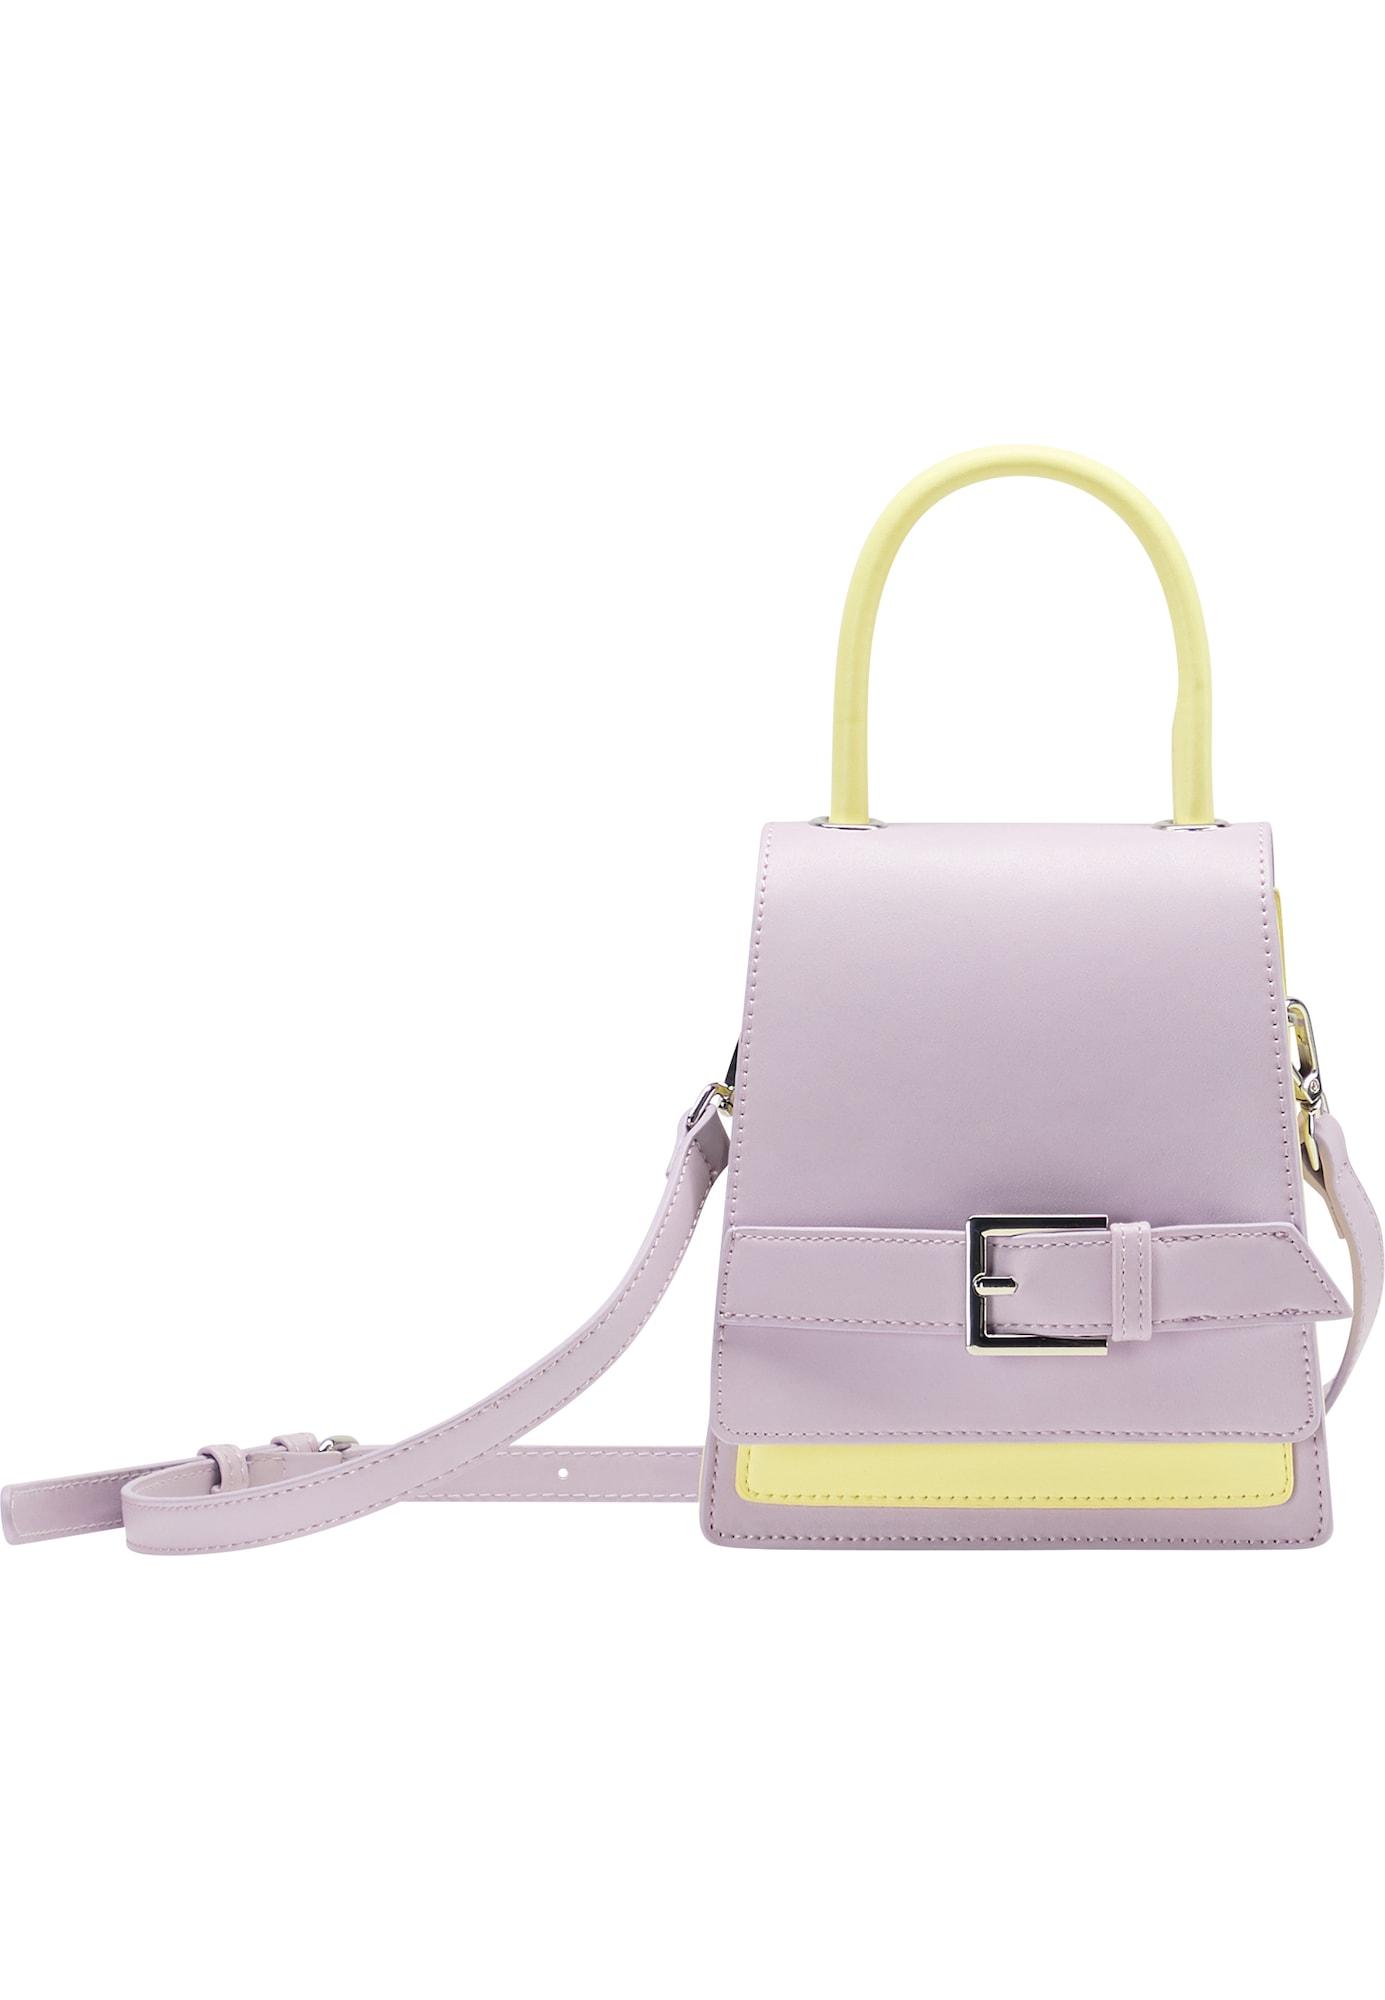 Umhängetasche | Taschen > Handtaschen > Umhängetaschen | MYMO